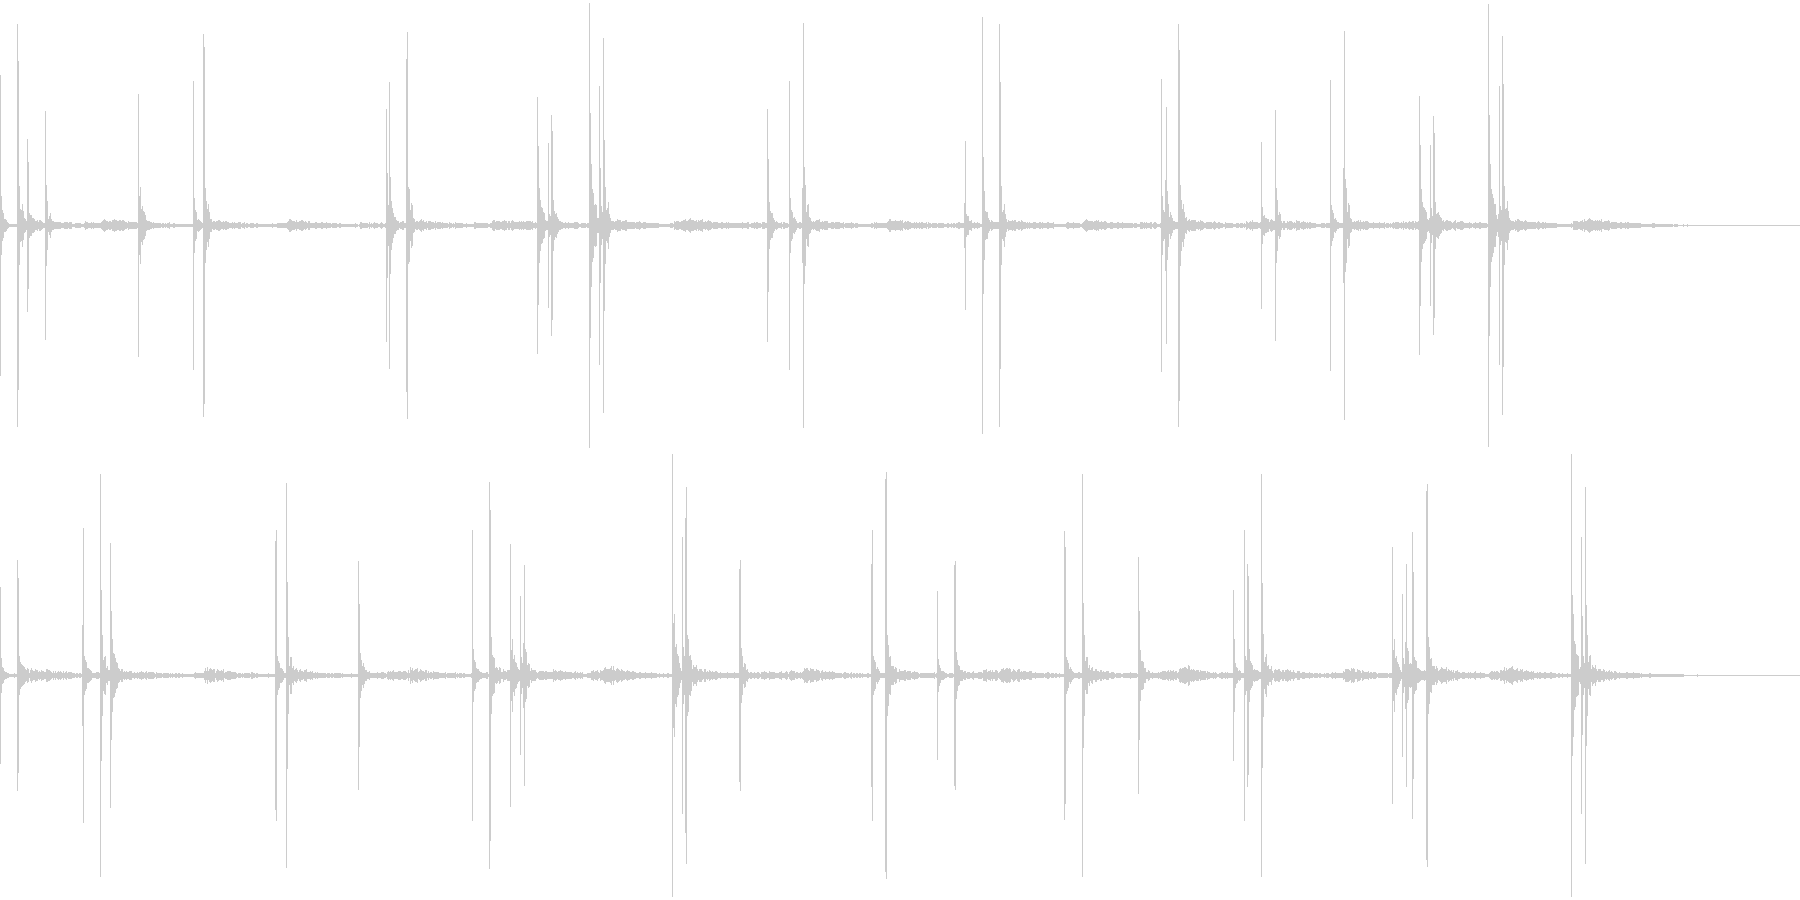 不規則に水滴が落ちる音(ループ素材)の未再生の波形